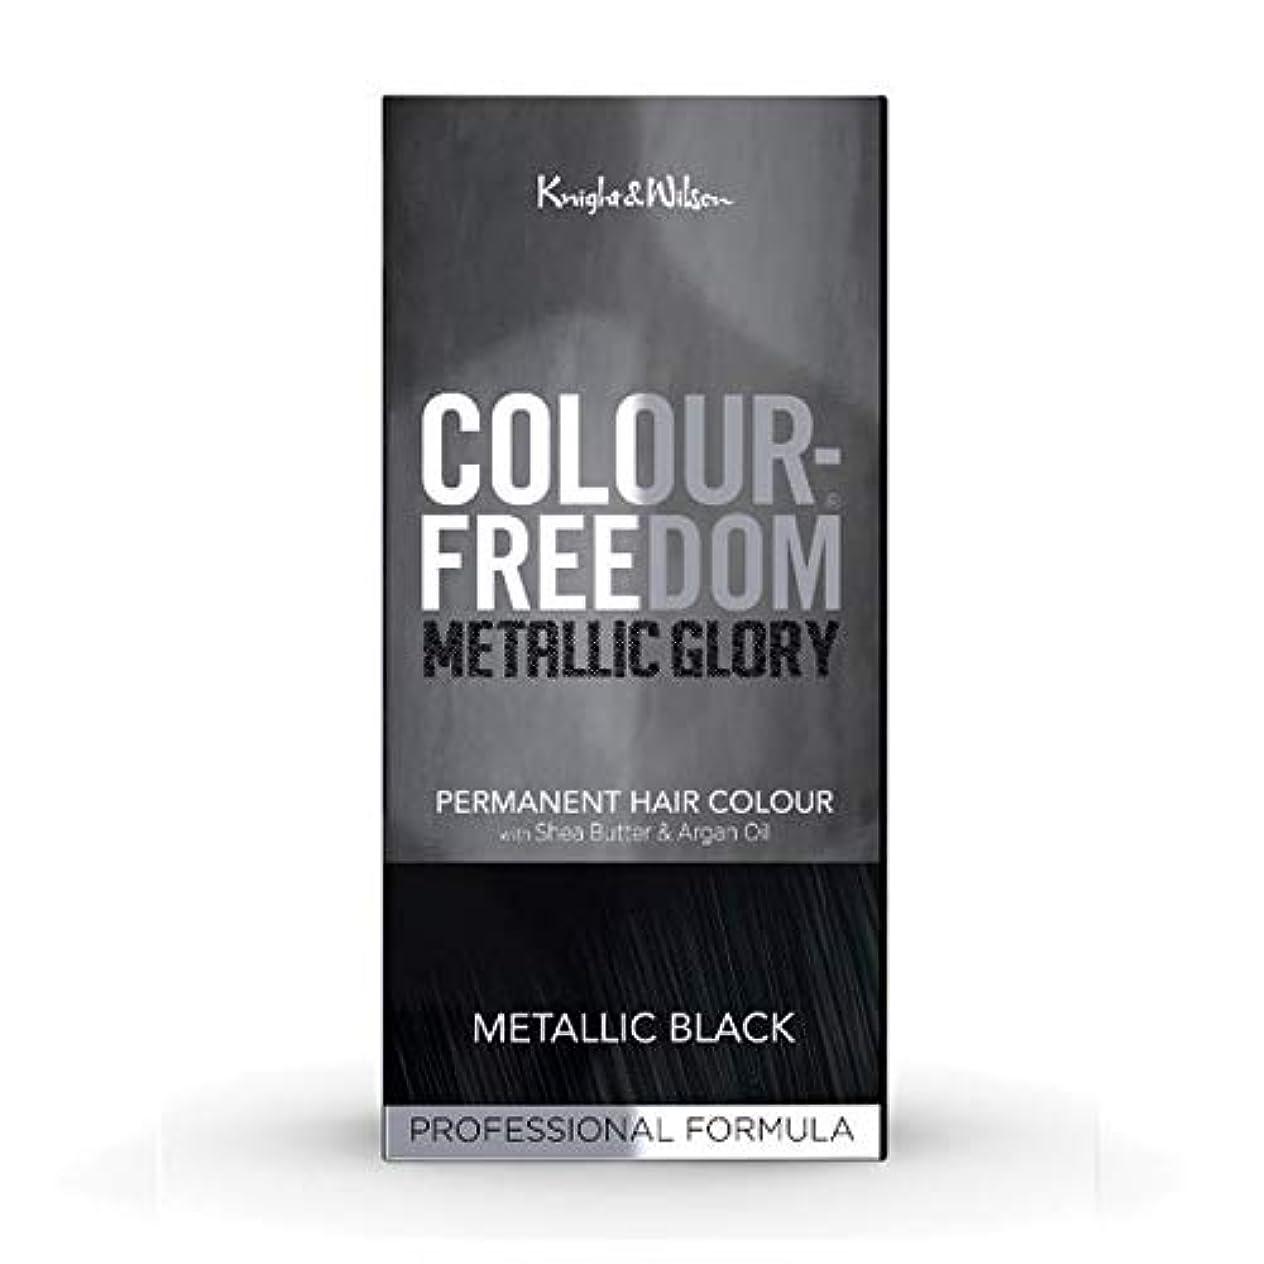 ポップ欲しいです離す[Colour Freedom ] カラー自由メタリック栄光の金属黒117 - Colour Freedom Metallic Glory Metallic Black 117 [並行輸入品]